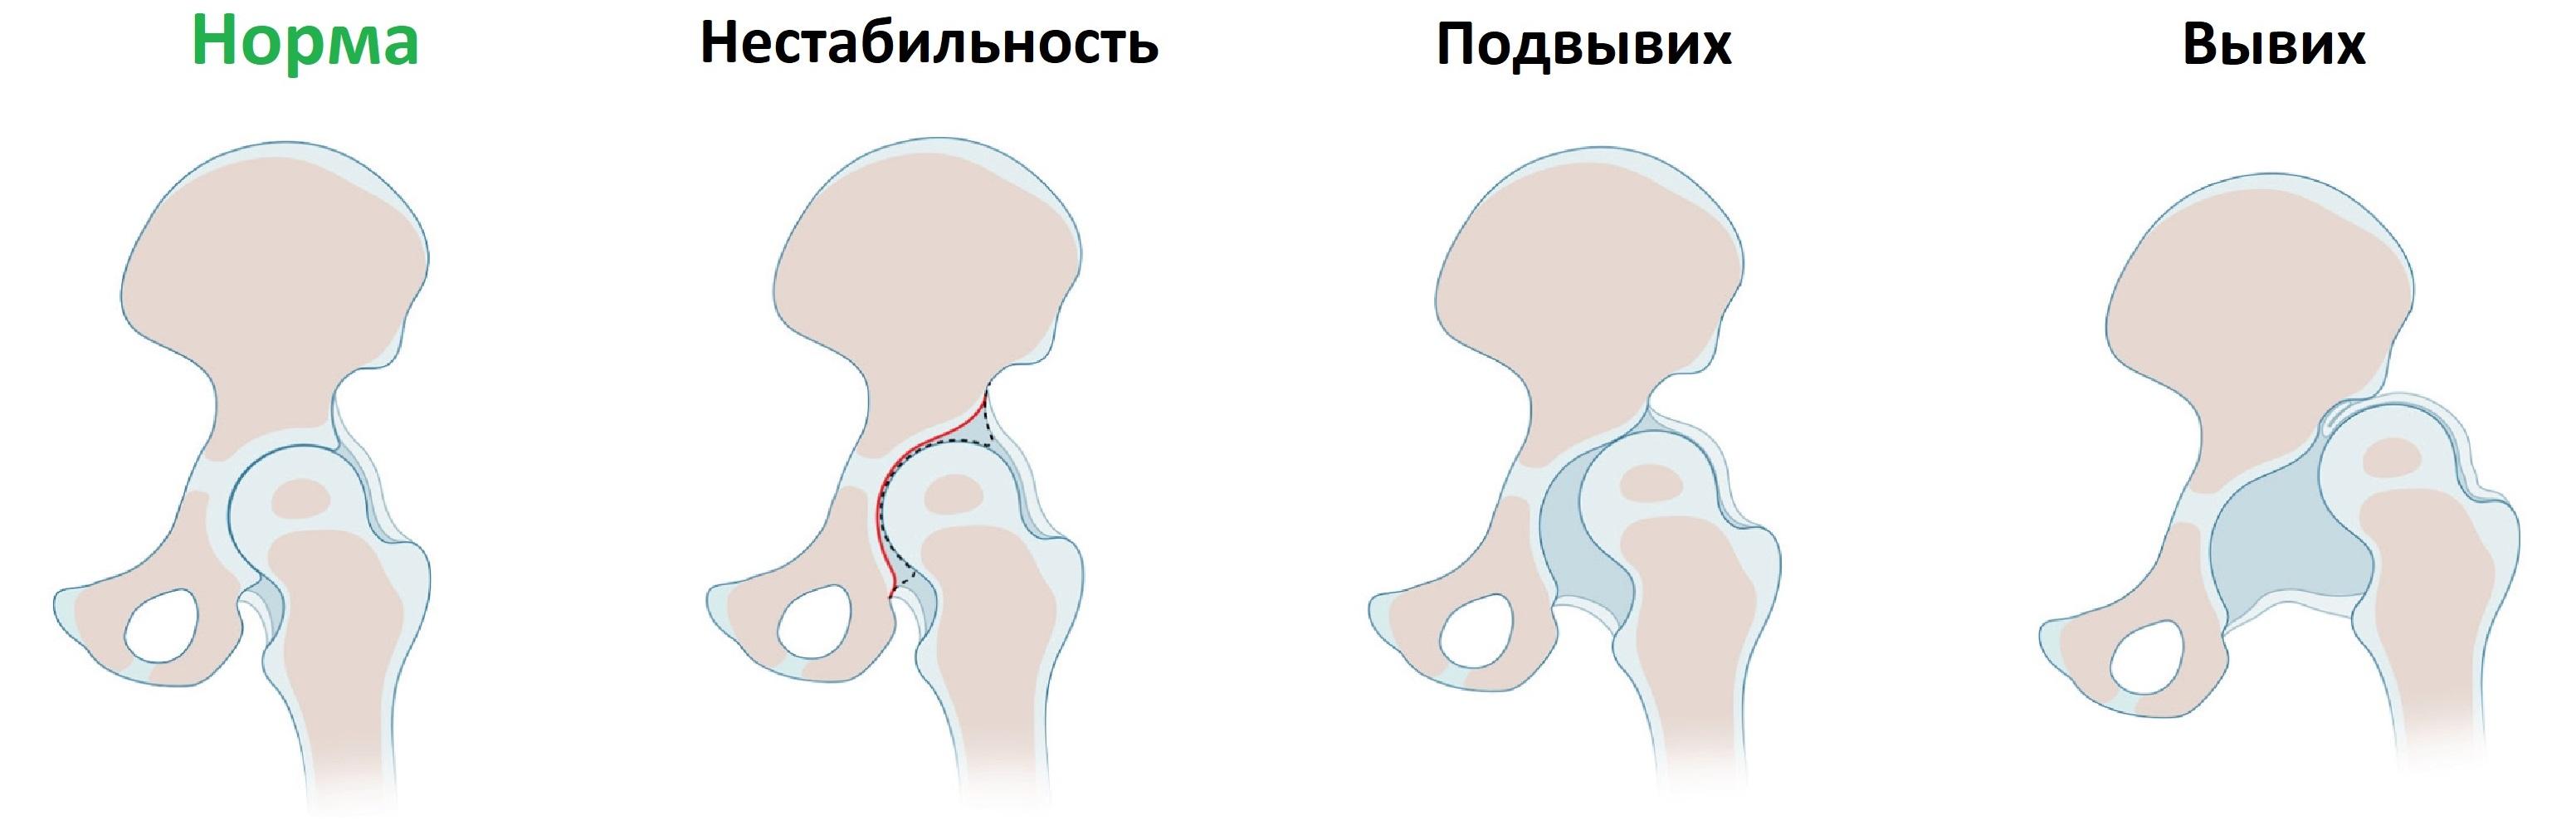 Изображение - Протоколы узи суставов у детей Displaziya-2